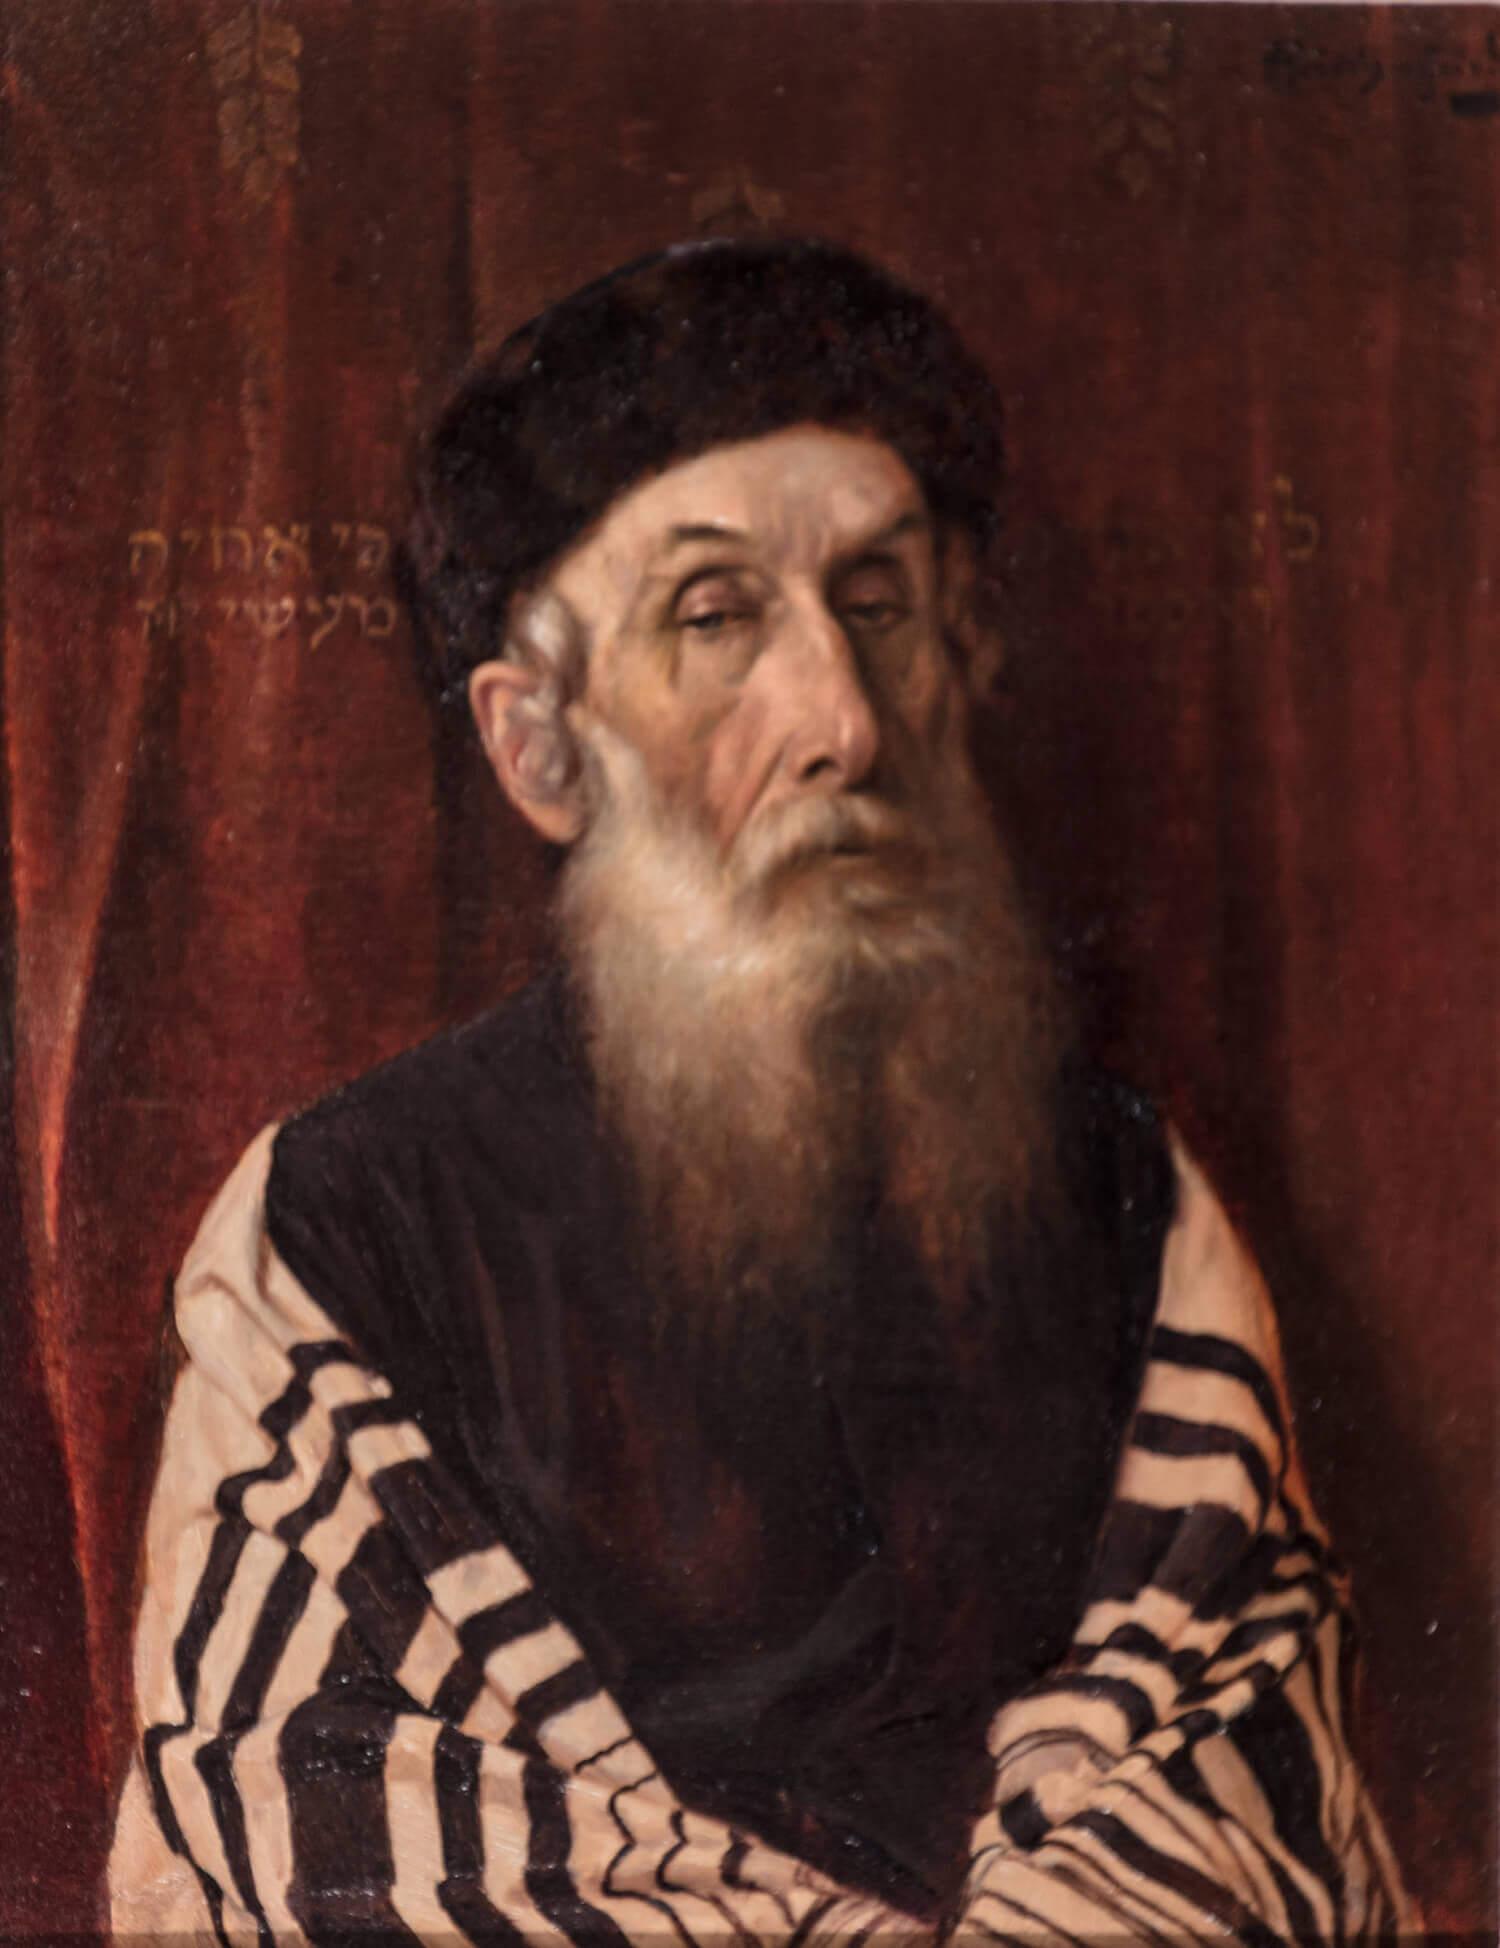 161. ALOIS HEINRICH PRIECHENFRIED (GERMAN, 1867-1953)